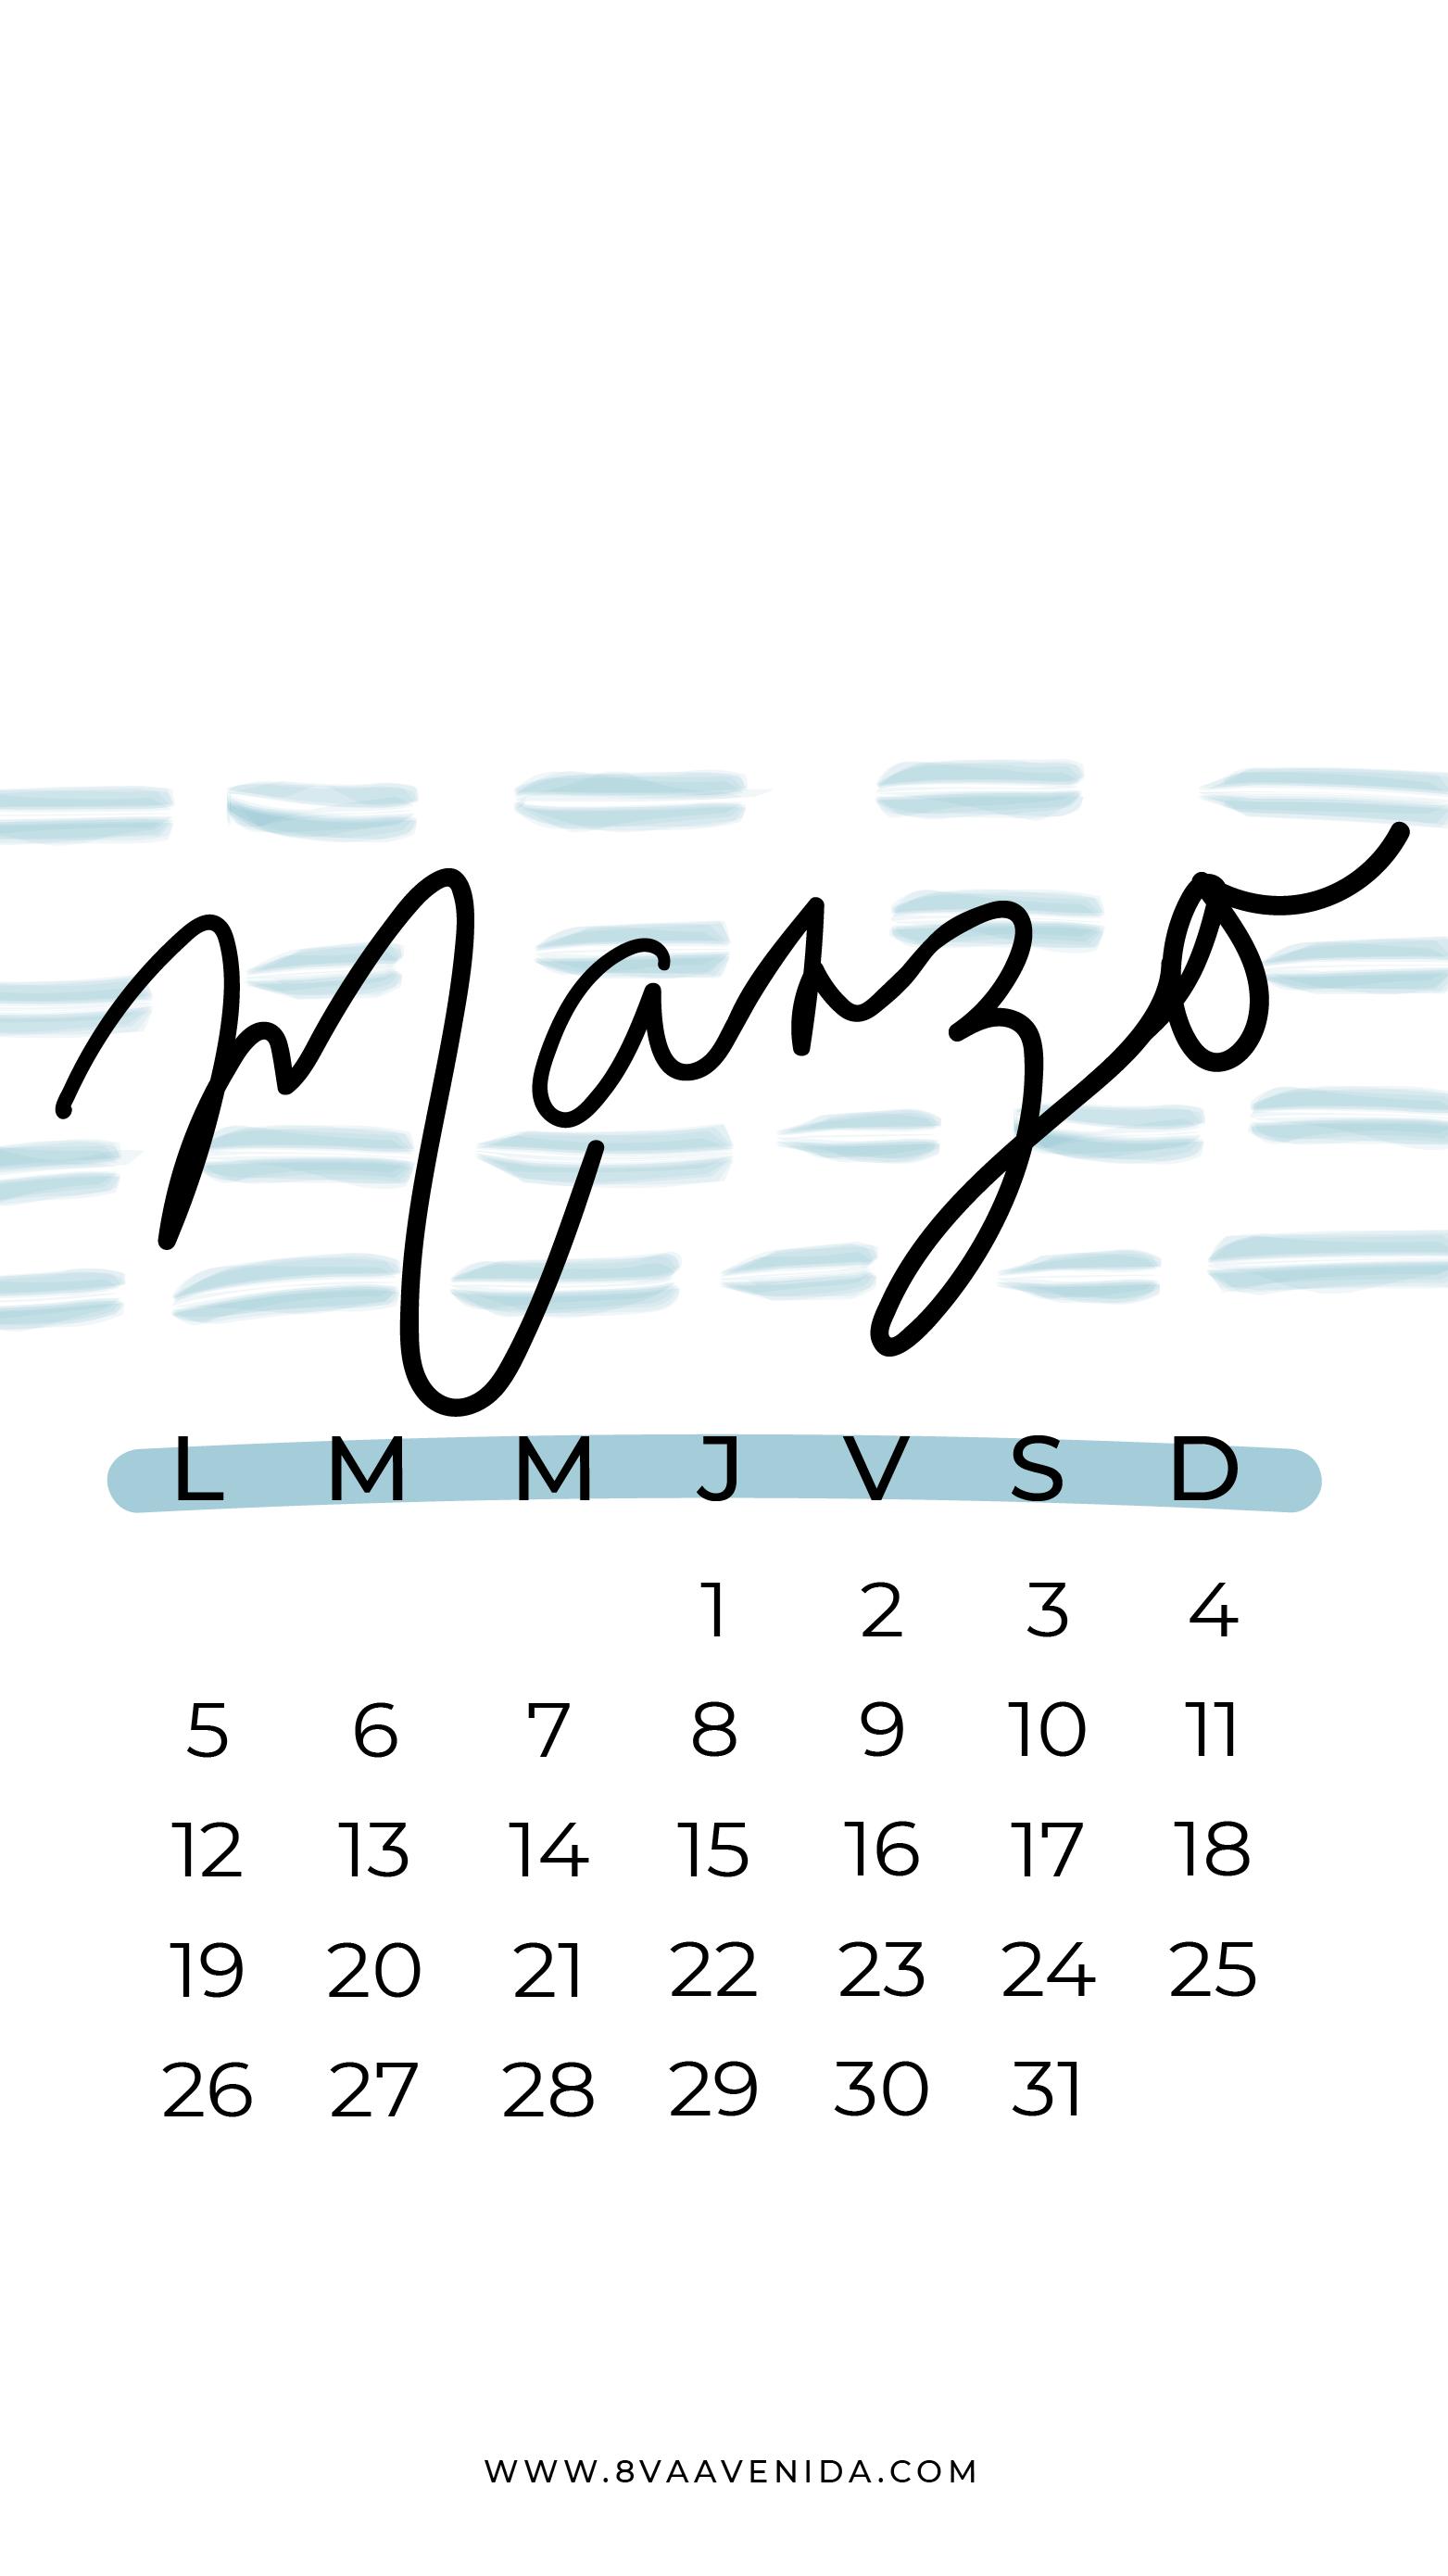 Calendario Dibujo Png.Pin De Anaelsusabo En Months Fondo De Pantalla Para